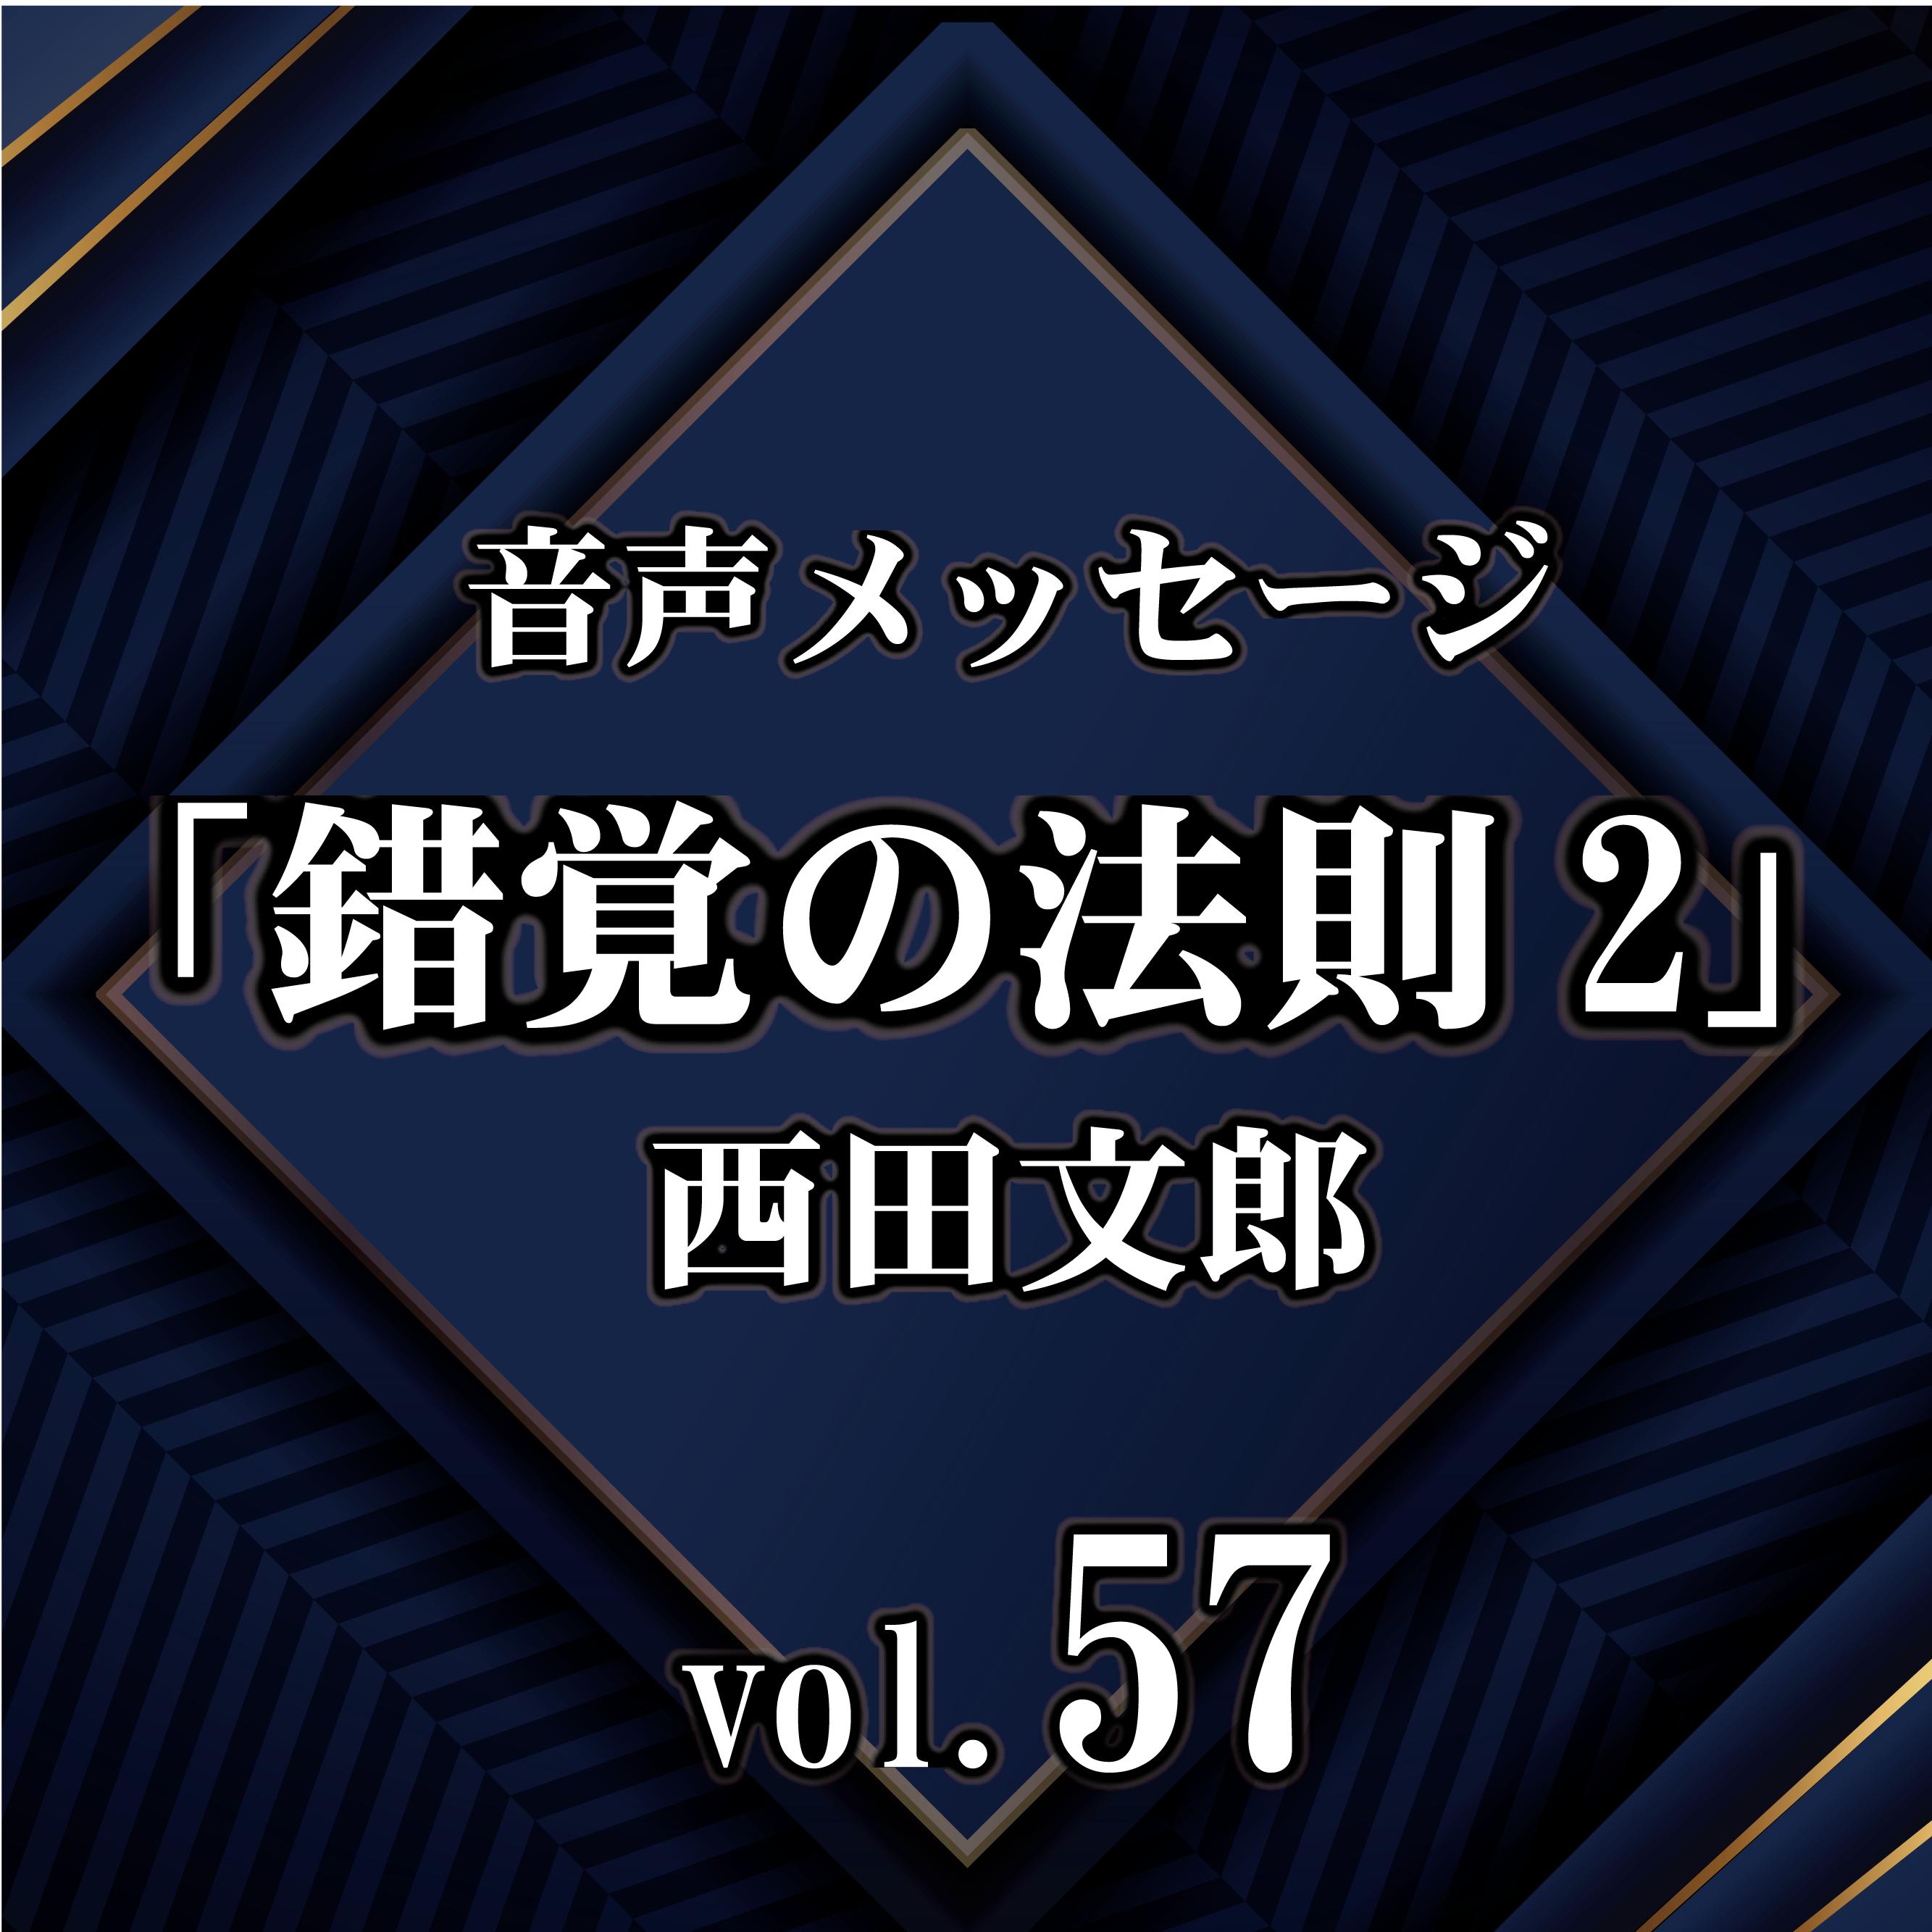 西田文郎 音声メッセージvol.57『錯覚の法則2』